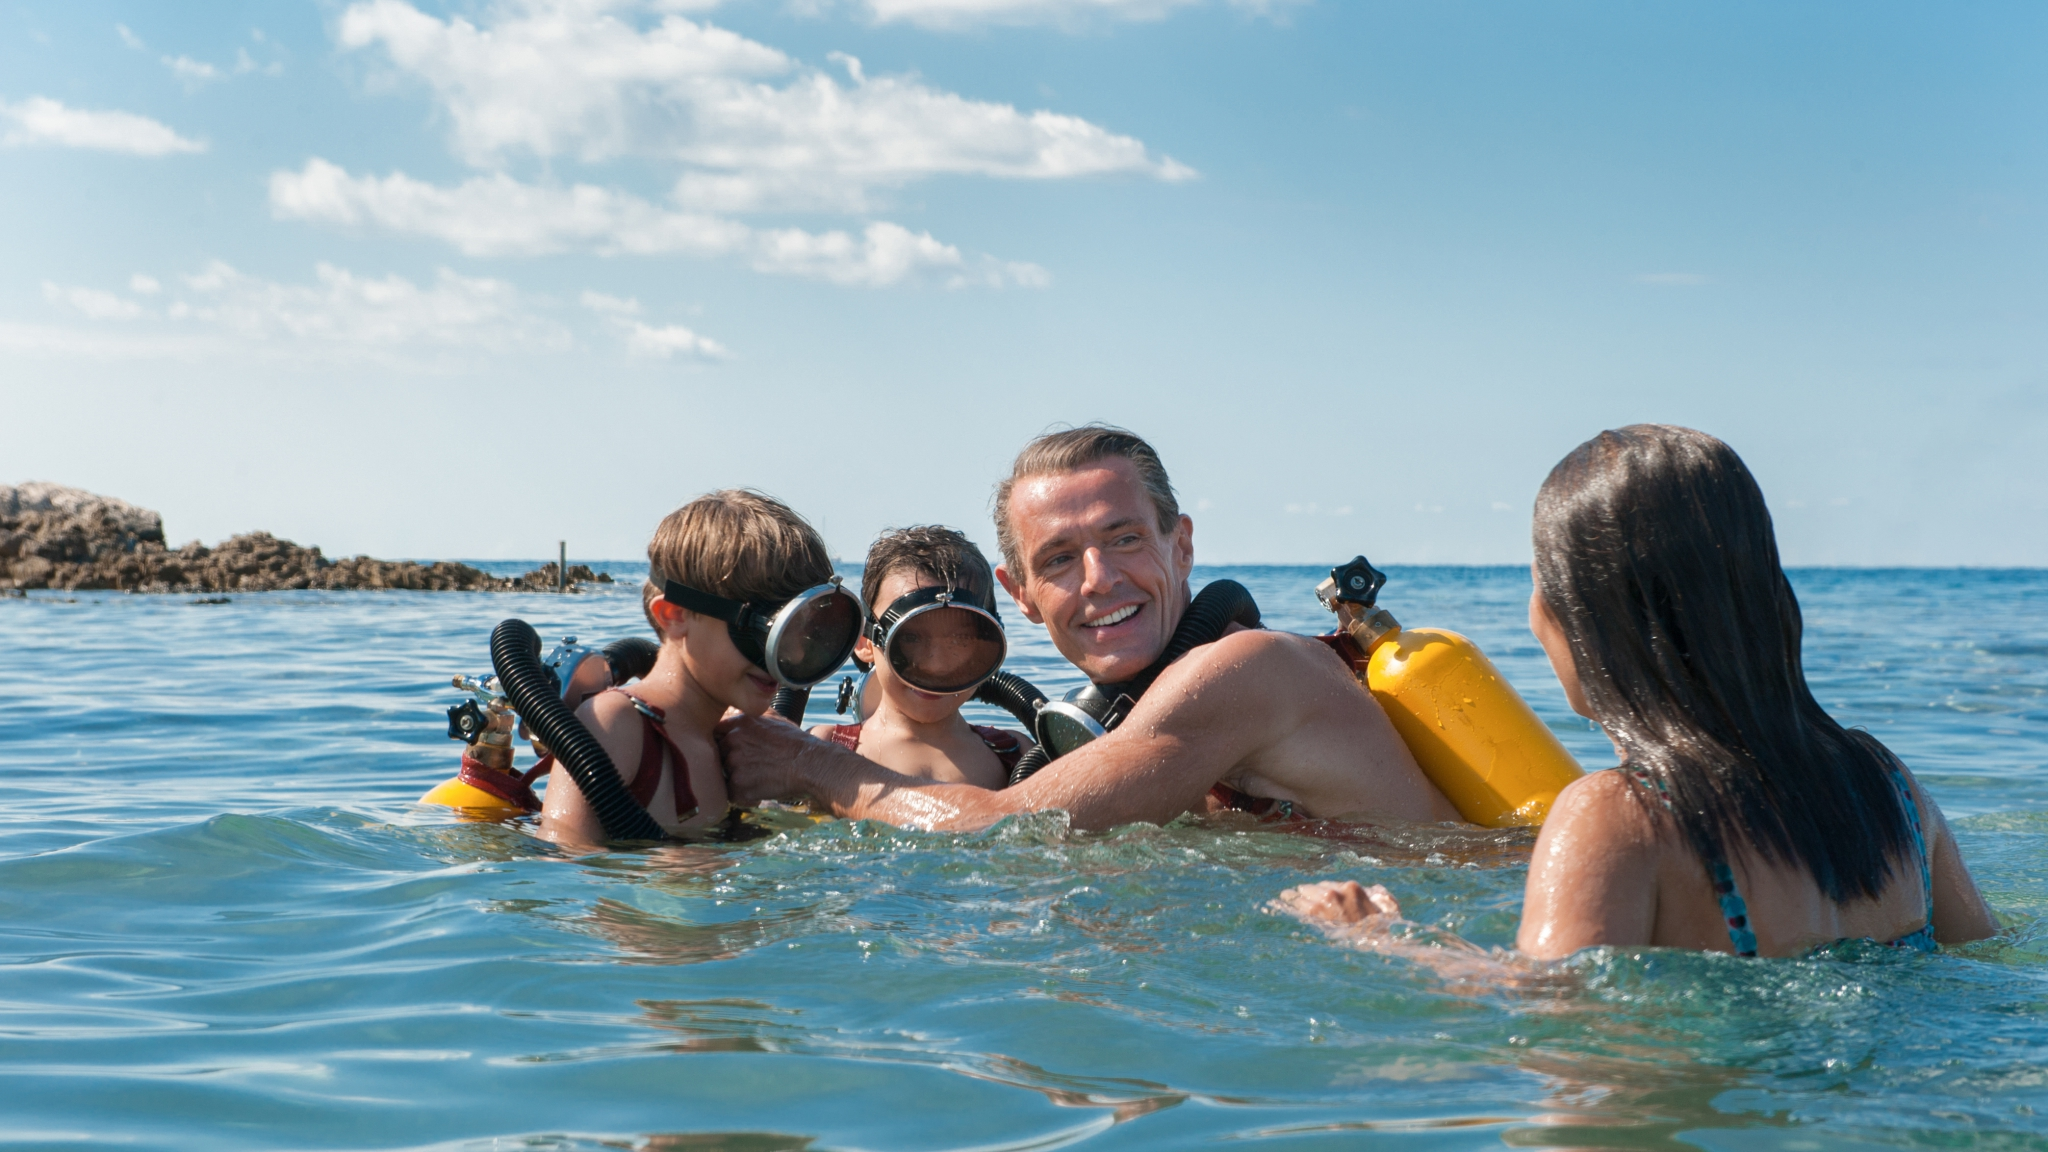 cousteau,biopic,l'odysssée,jacques-yves cousteau,océans,cinéma,jérôme salle